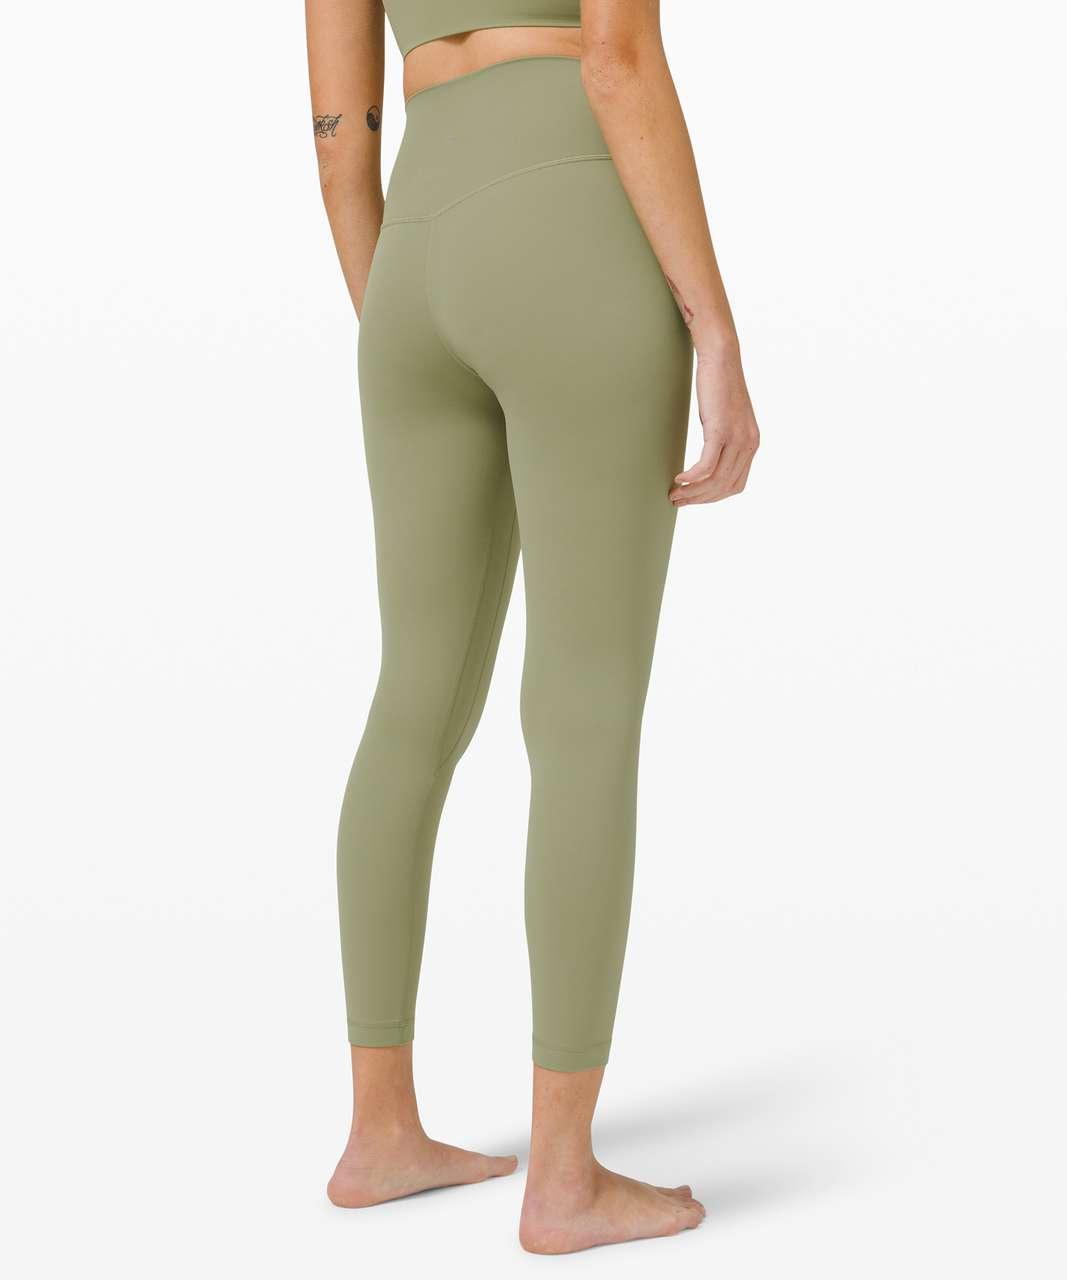 """Lululemon Align Pant 25"""" - Rosemary Green"""